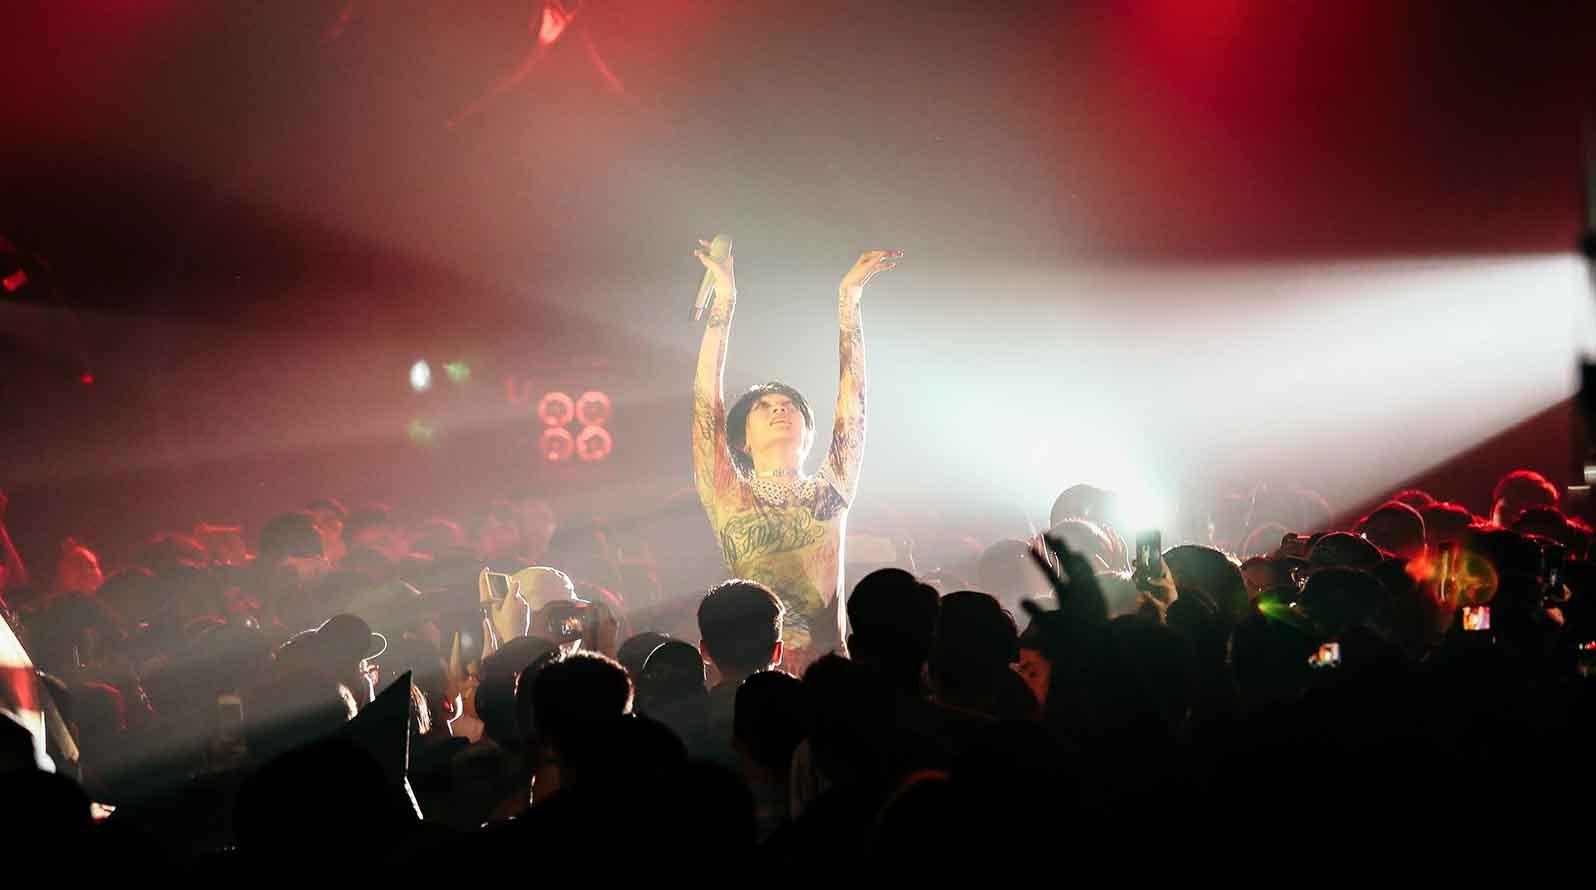 【迷迷現場】星期三的康帕內拉自嘲超級雨女 打造巨型金屬戰車環繞全場 即興演出讓全台北都瘋狂